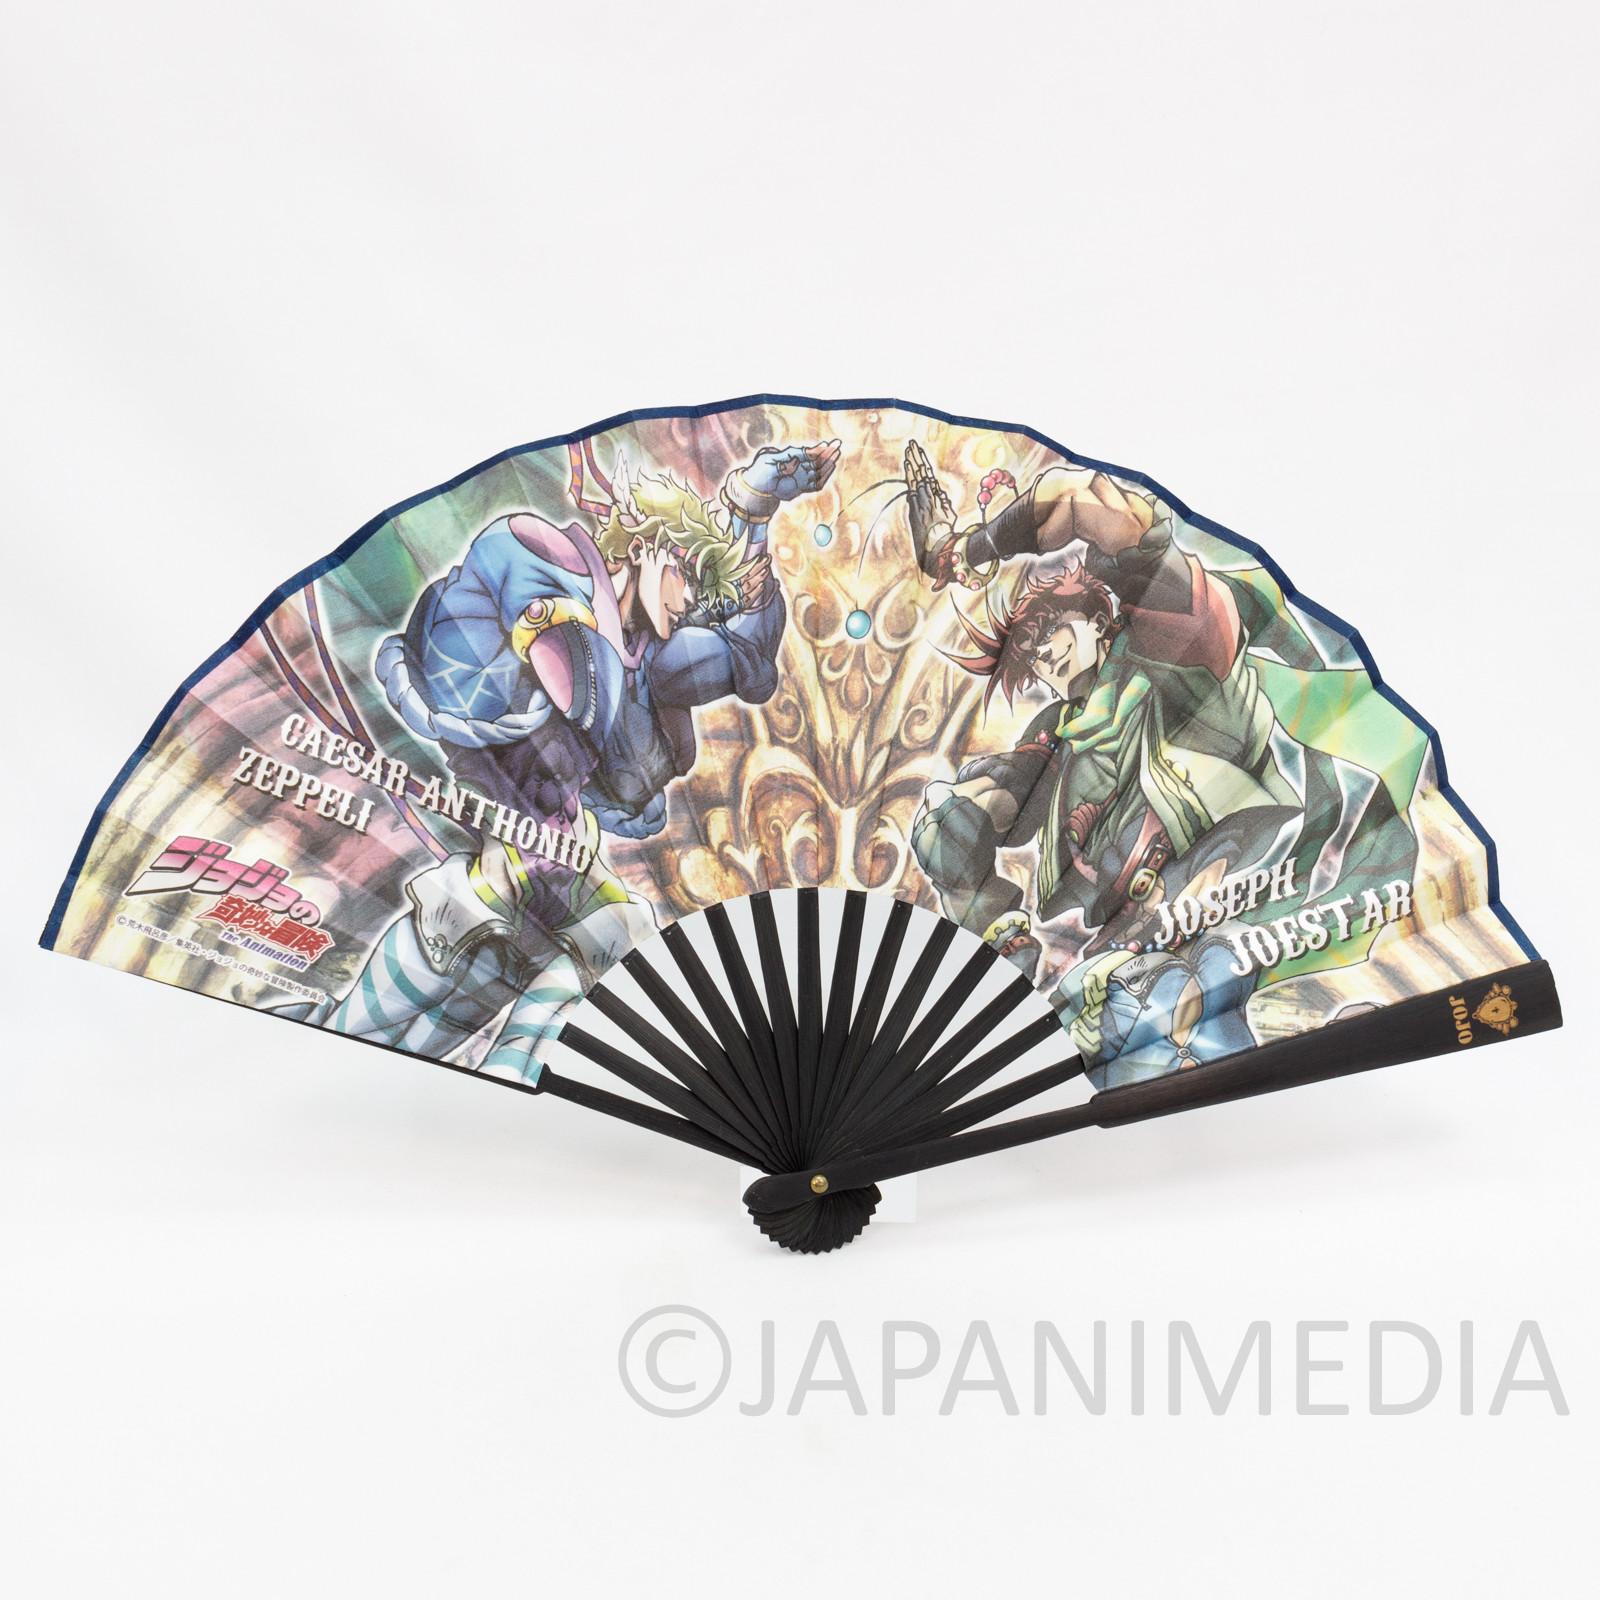 JoJo's Bizarre Adventure Part2 Battle Tendency Folding Fan Japanese Sensu